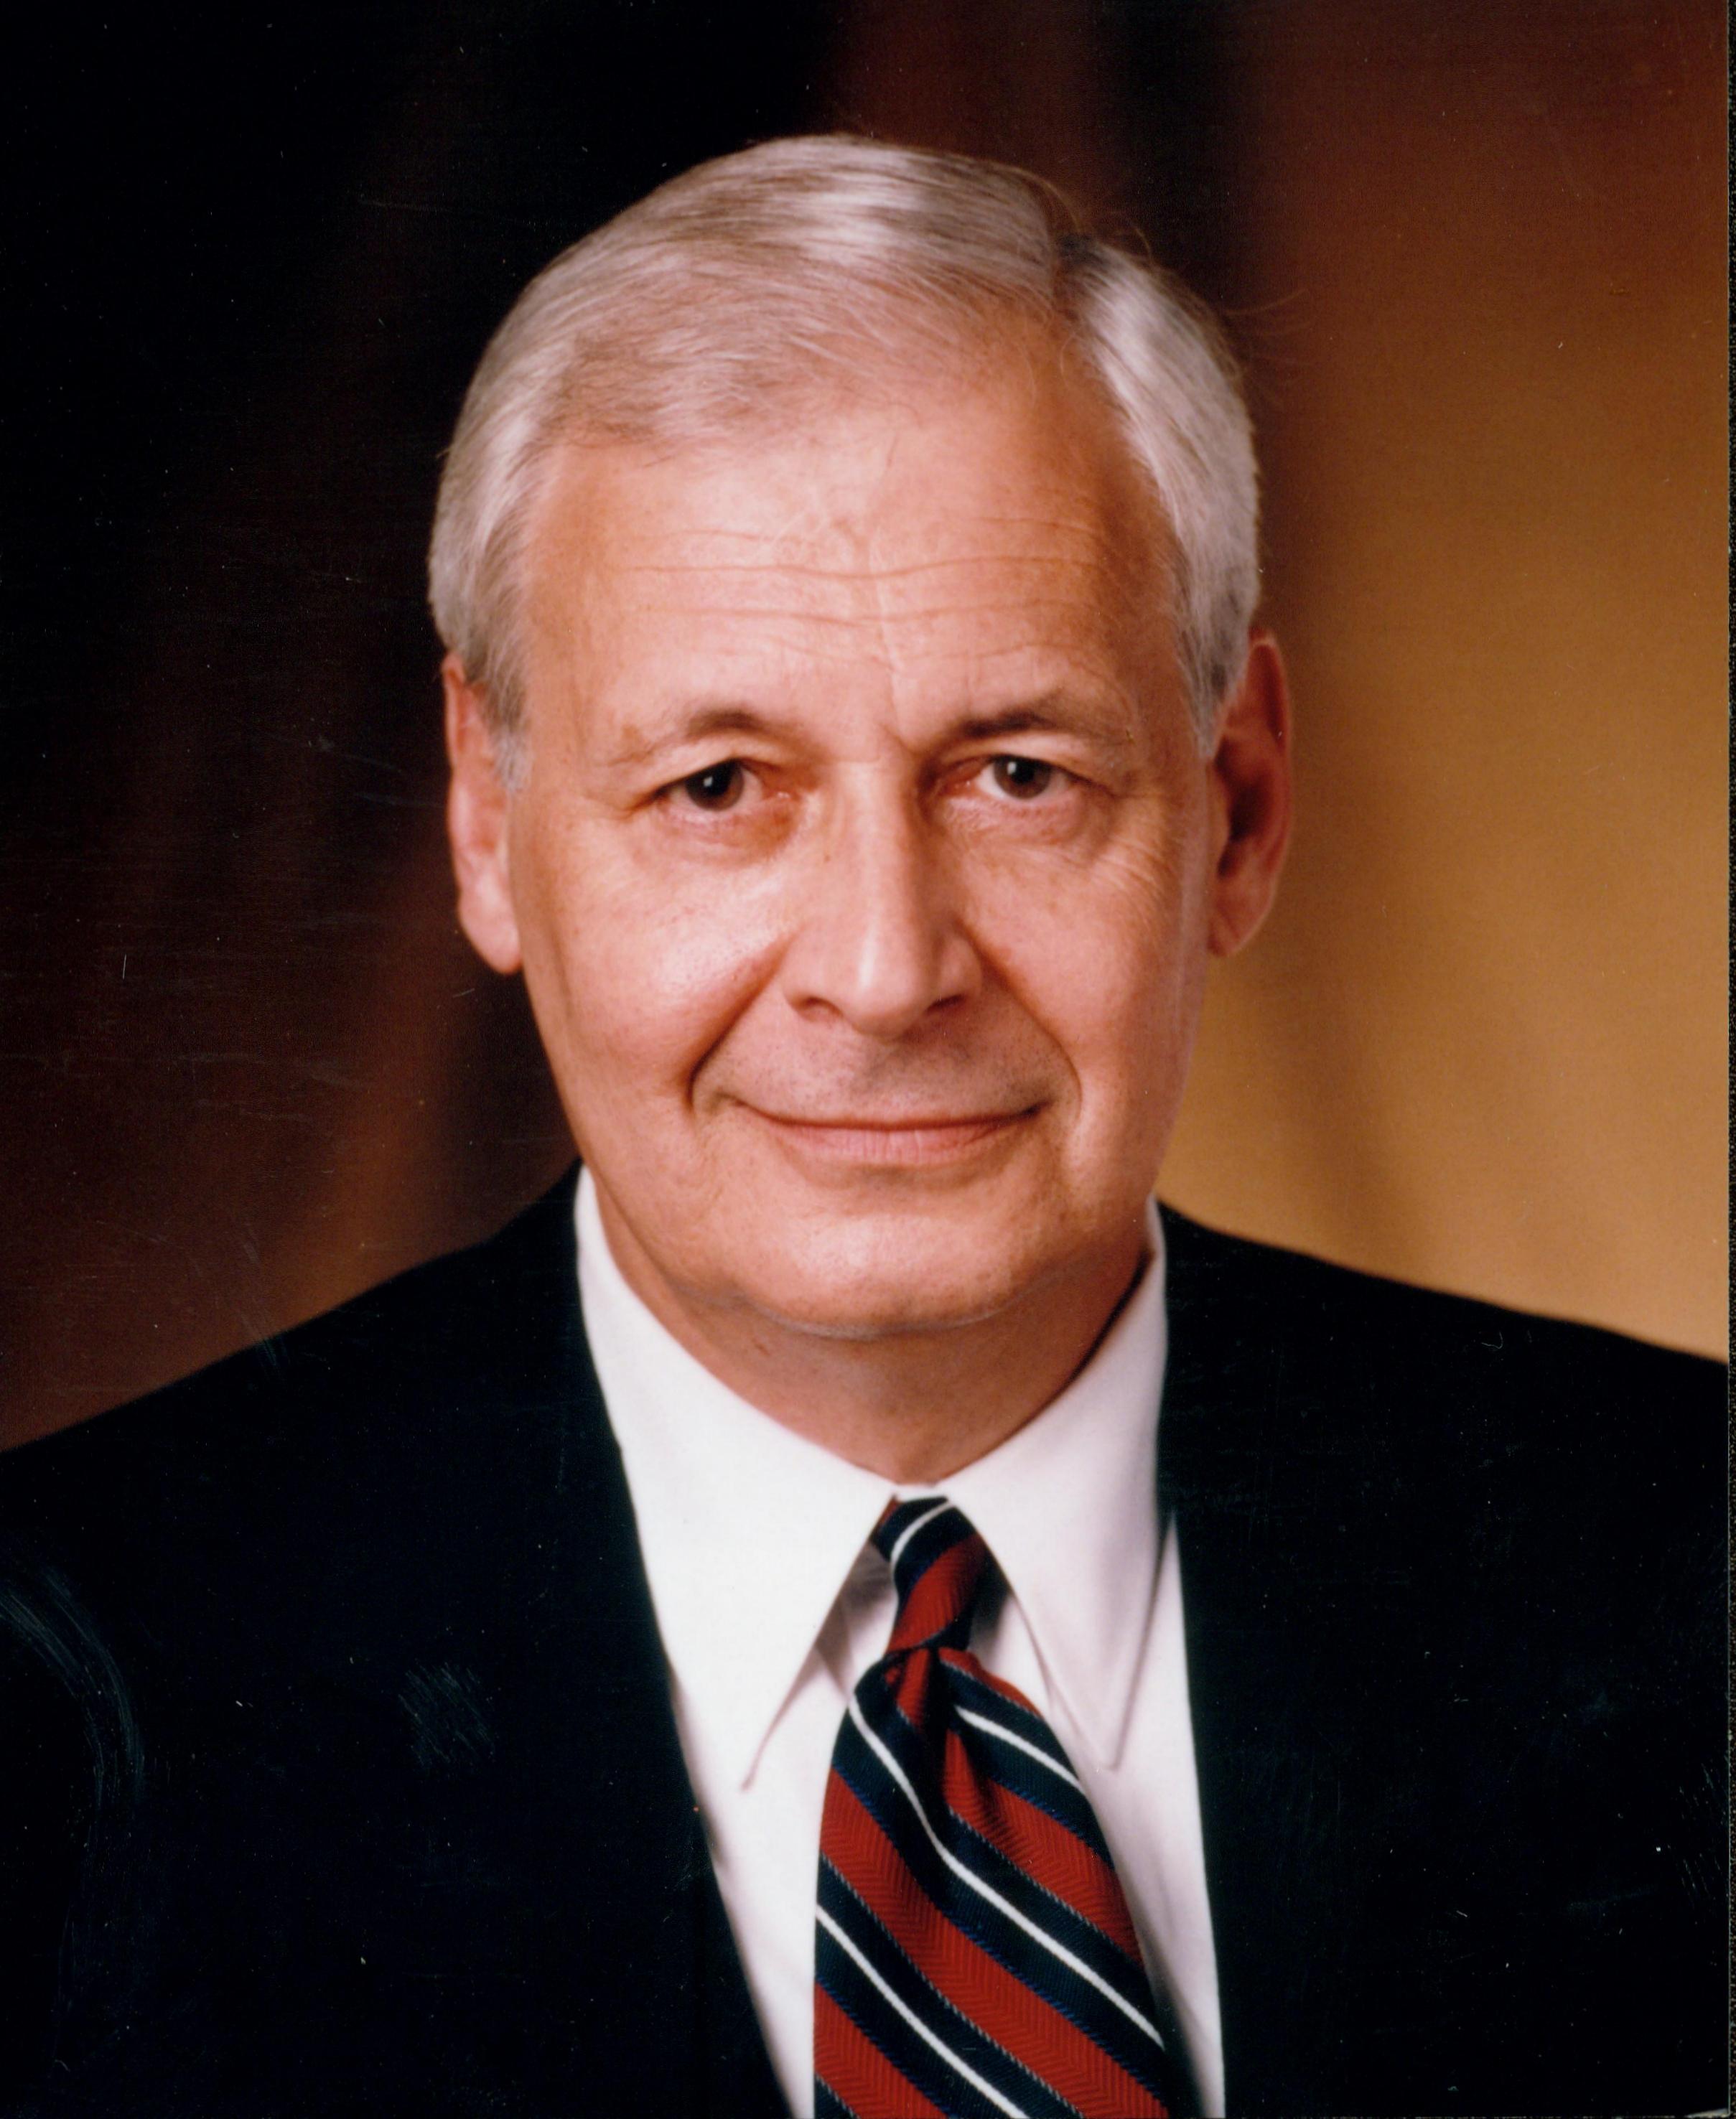 Portrait of Bruce D. Willis